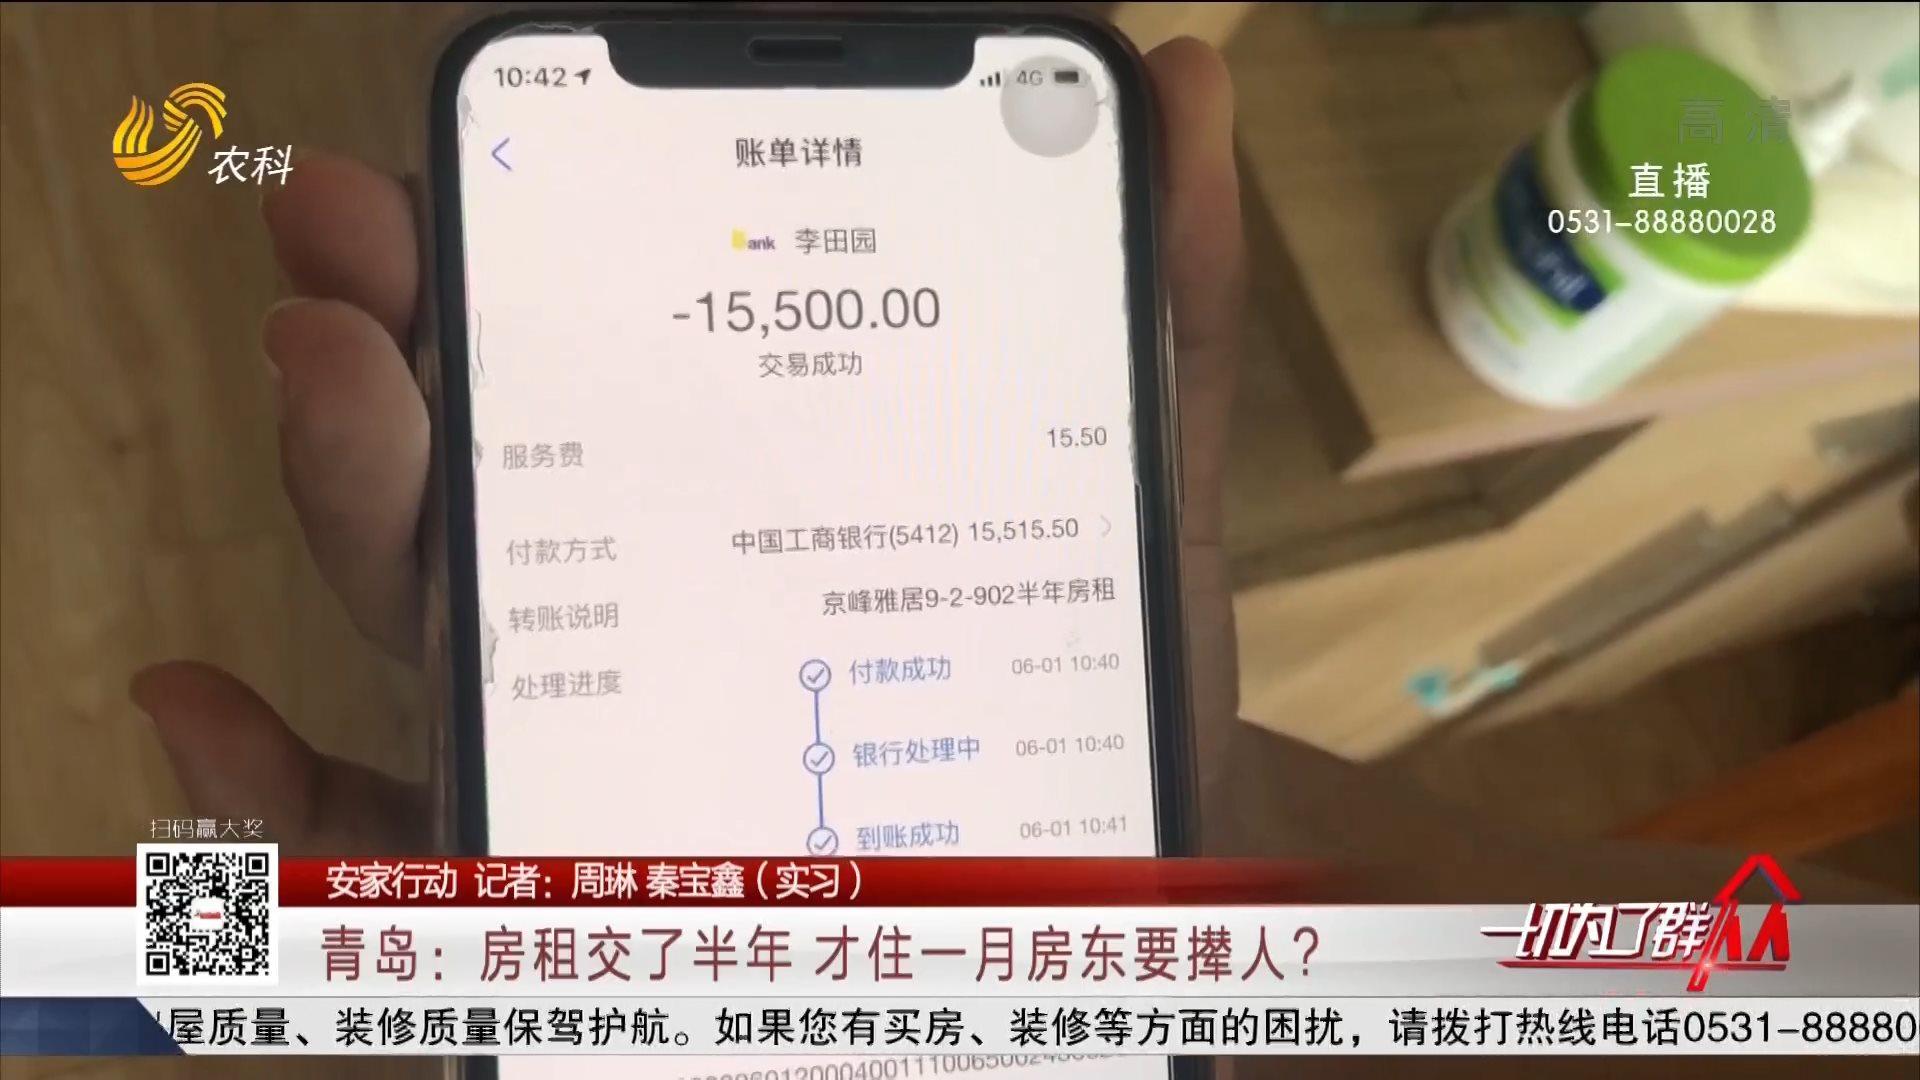 【安家行动】青岛:房租交了半年 才住一月房东要撵人?